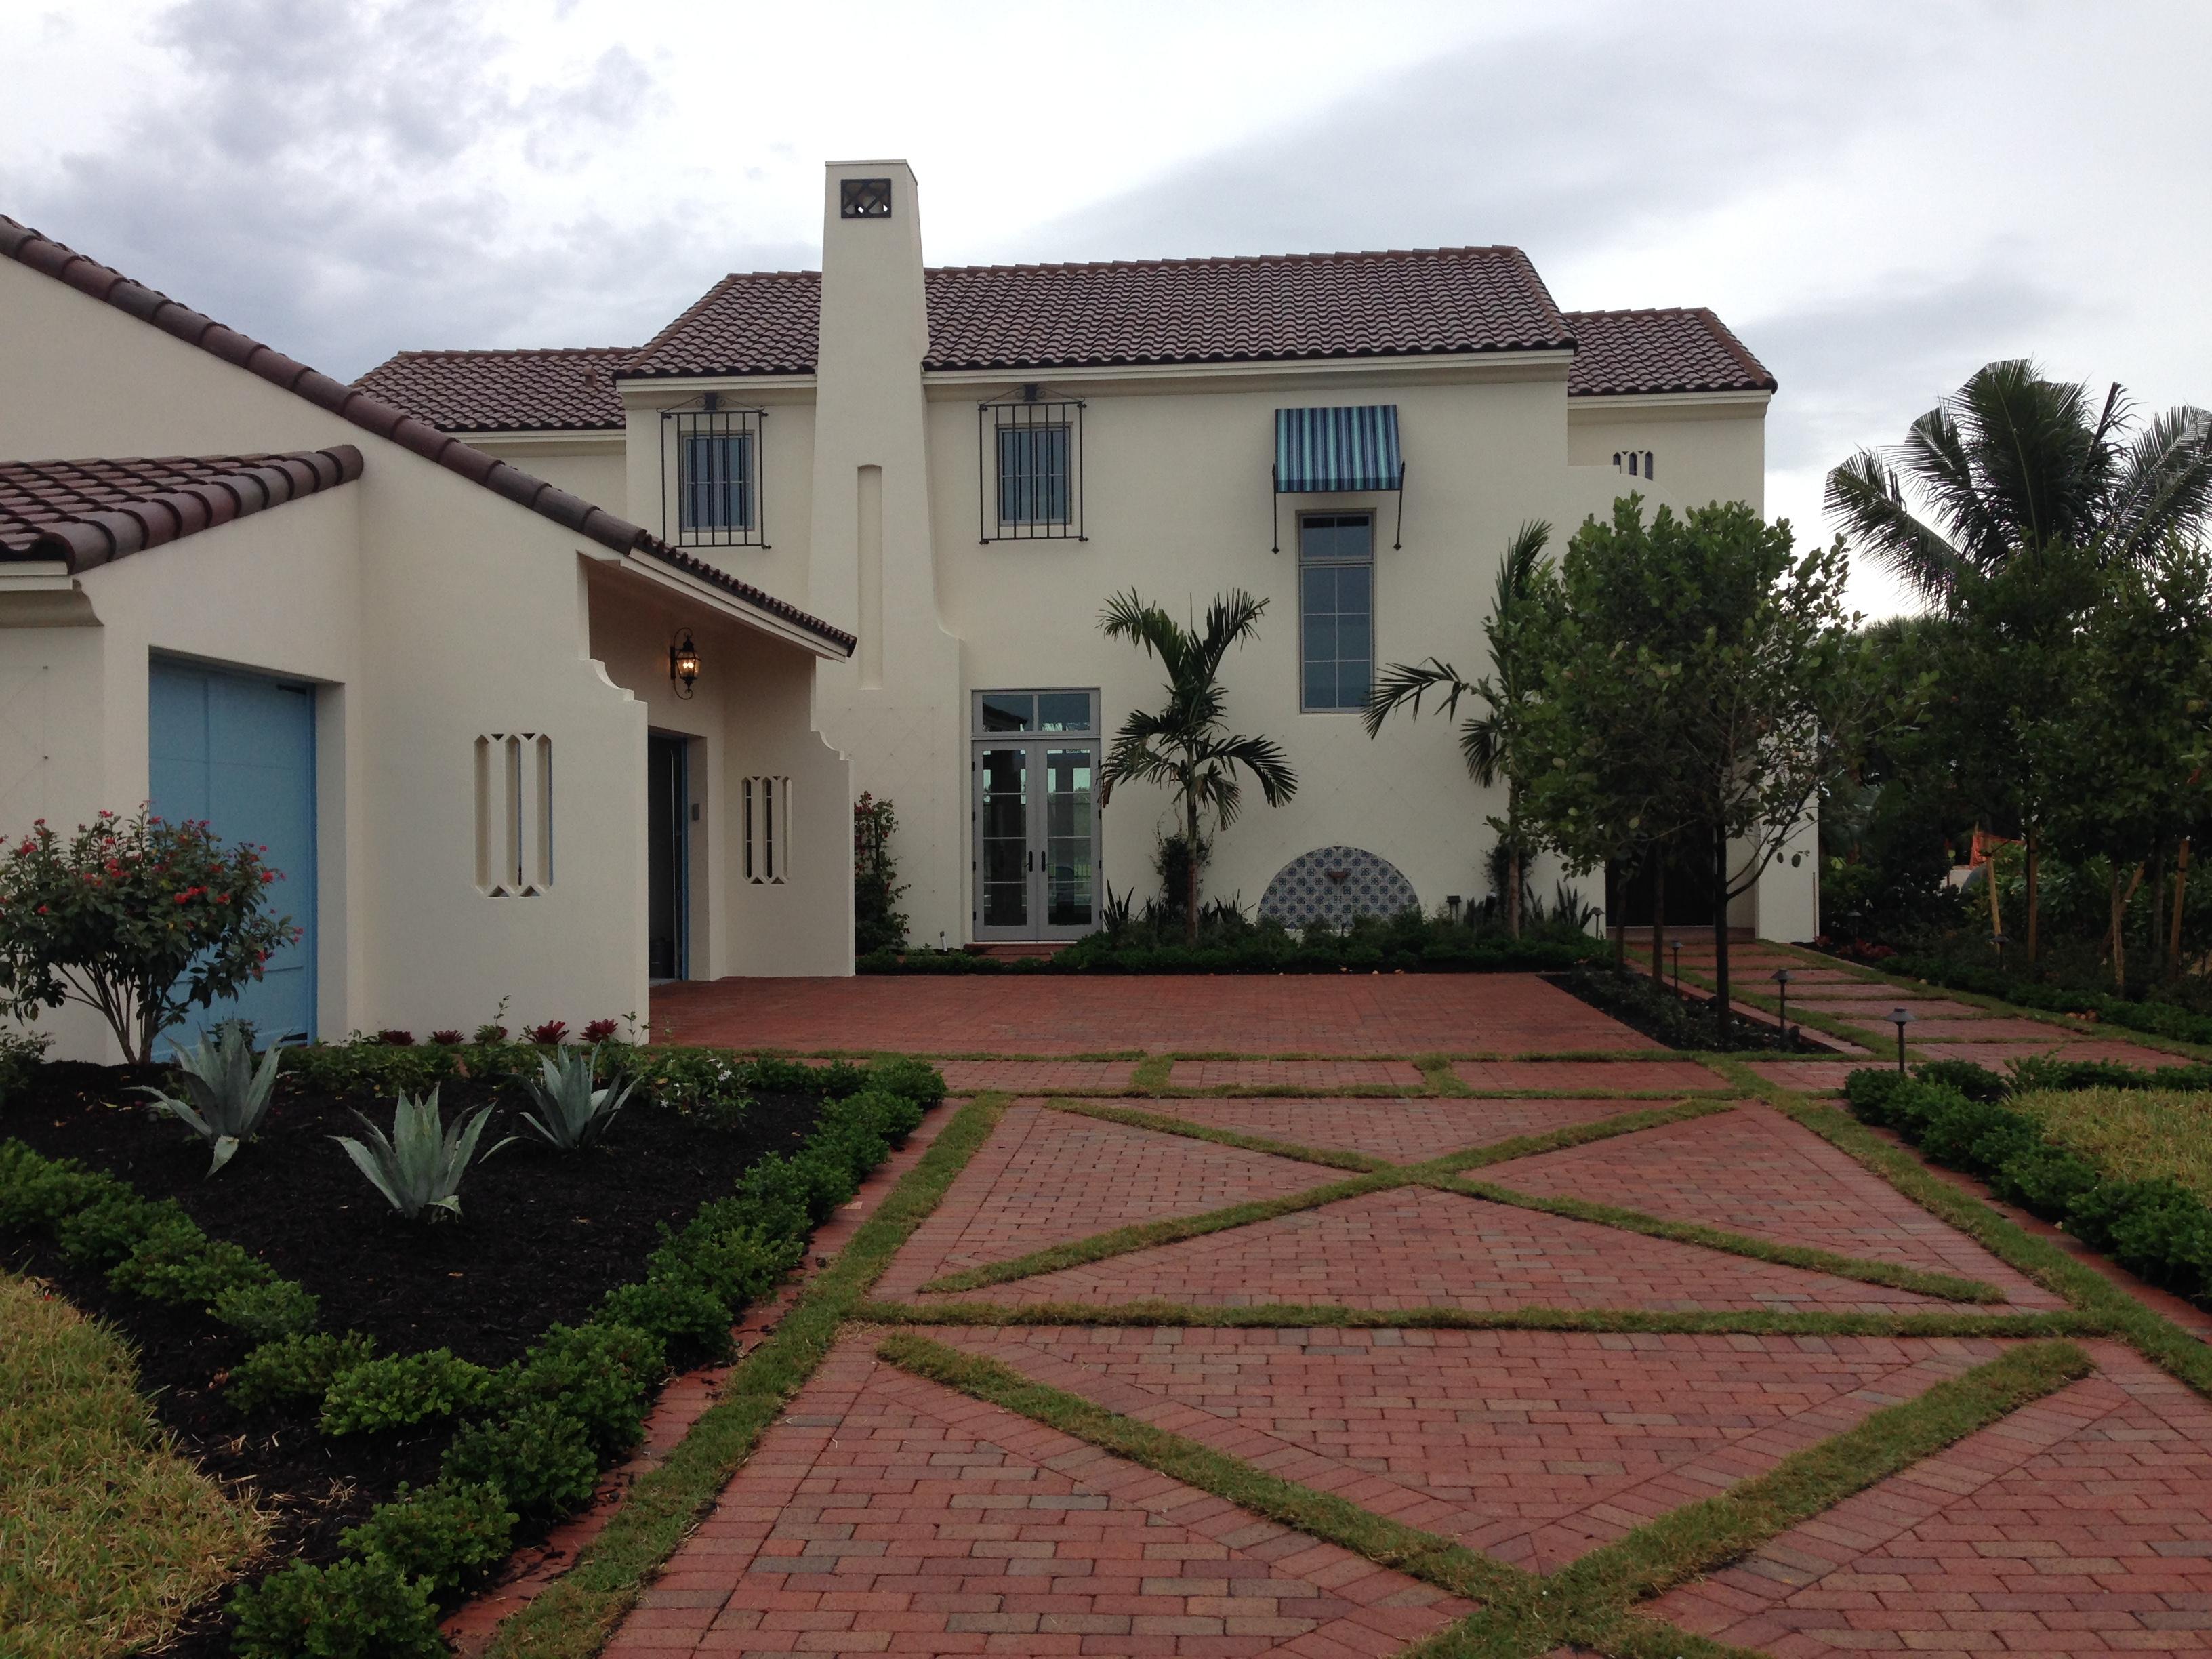 Pinehall Rumbled Courtyard Full Range